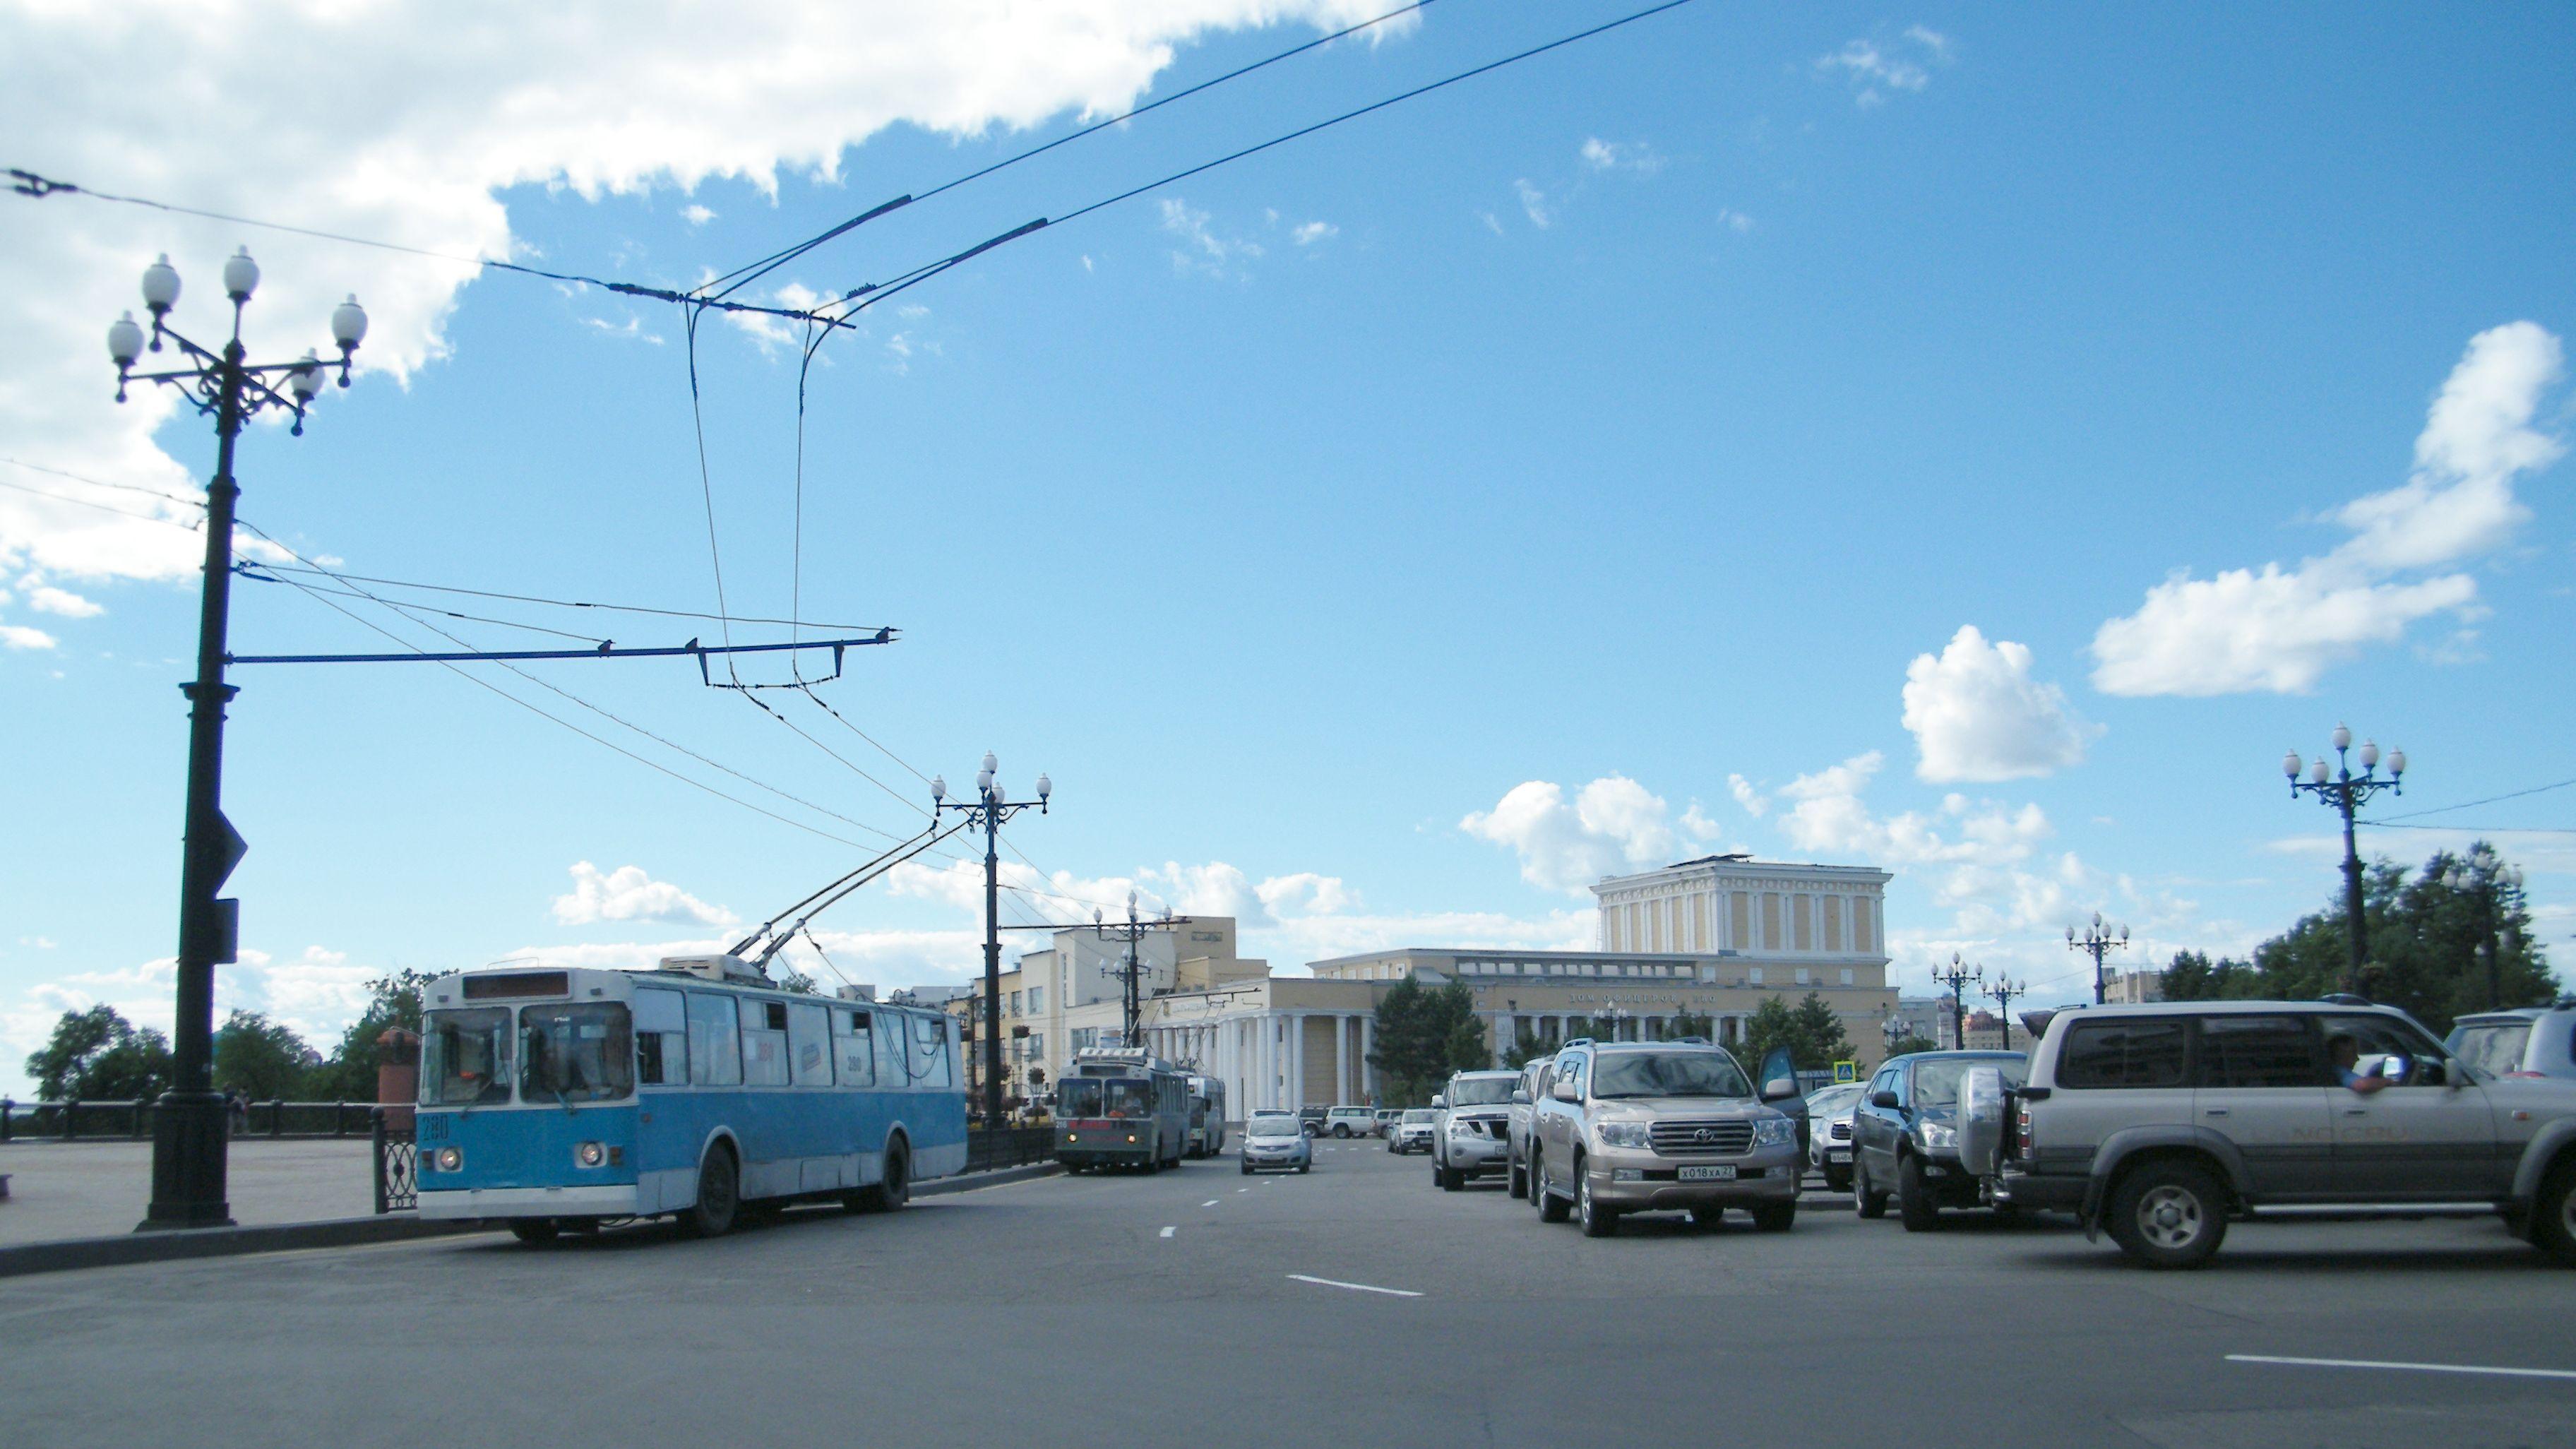 схема маршрута автобуса 150 кохма-иваново